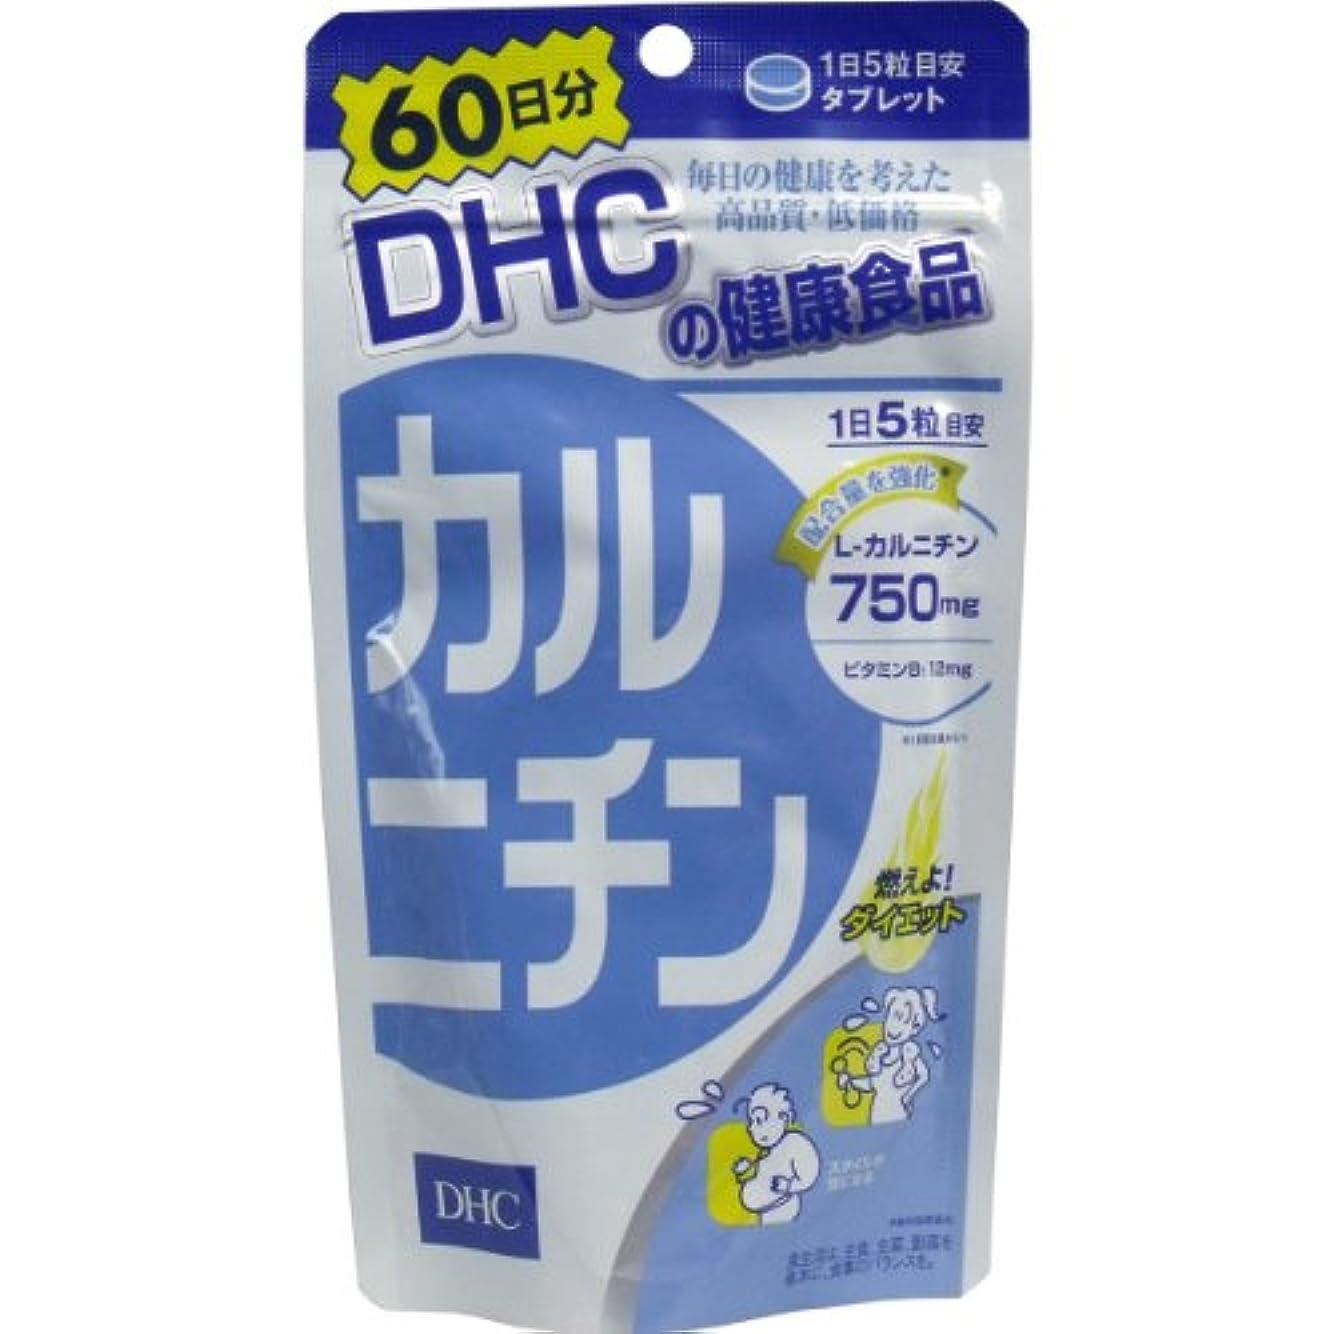 テスピアンテスピアン雑草DHC カルニチン 300粒入 60日分